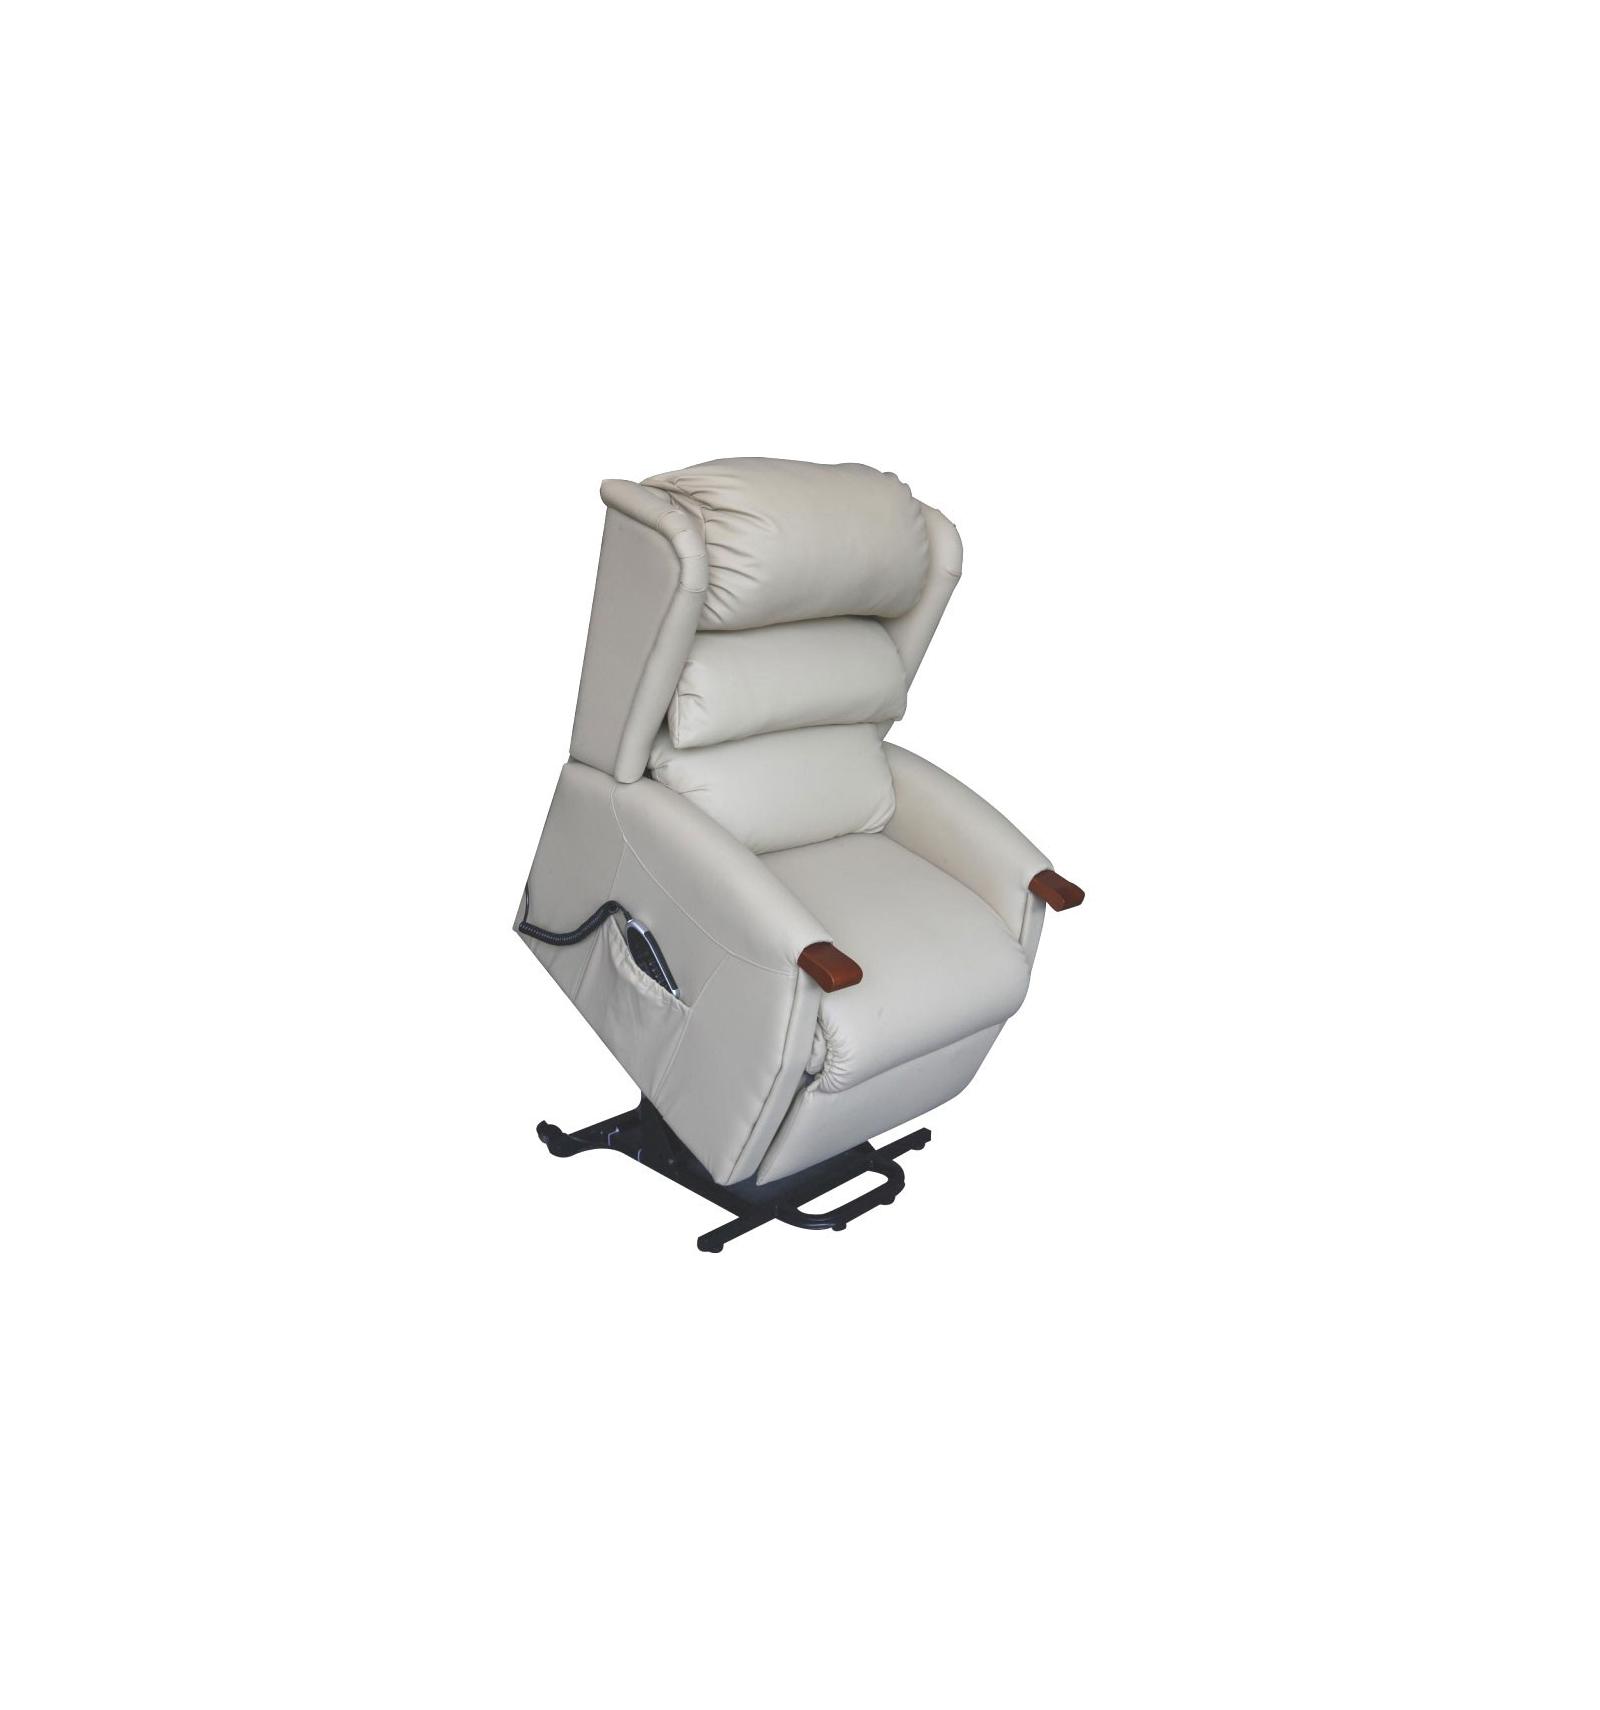 Attraktiv Relaxsessel Elektrisch Verstellbar Galerie Von Geriatrisch Sessel Mit Aufstehhilfe